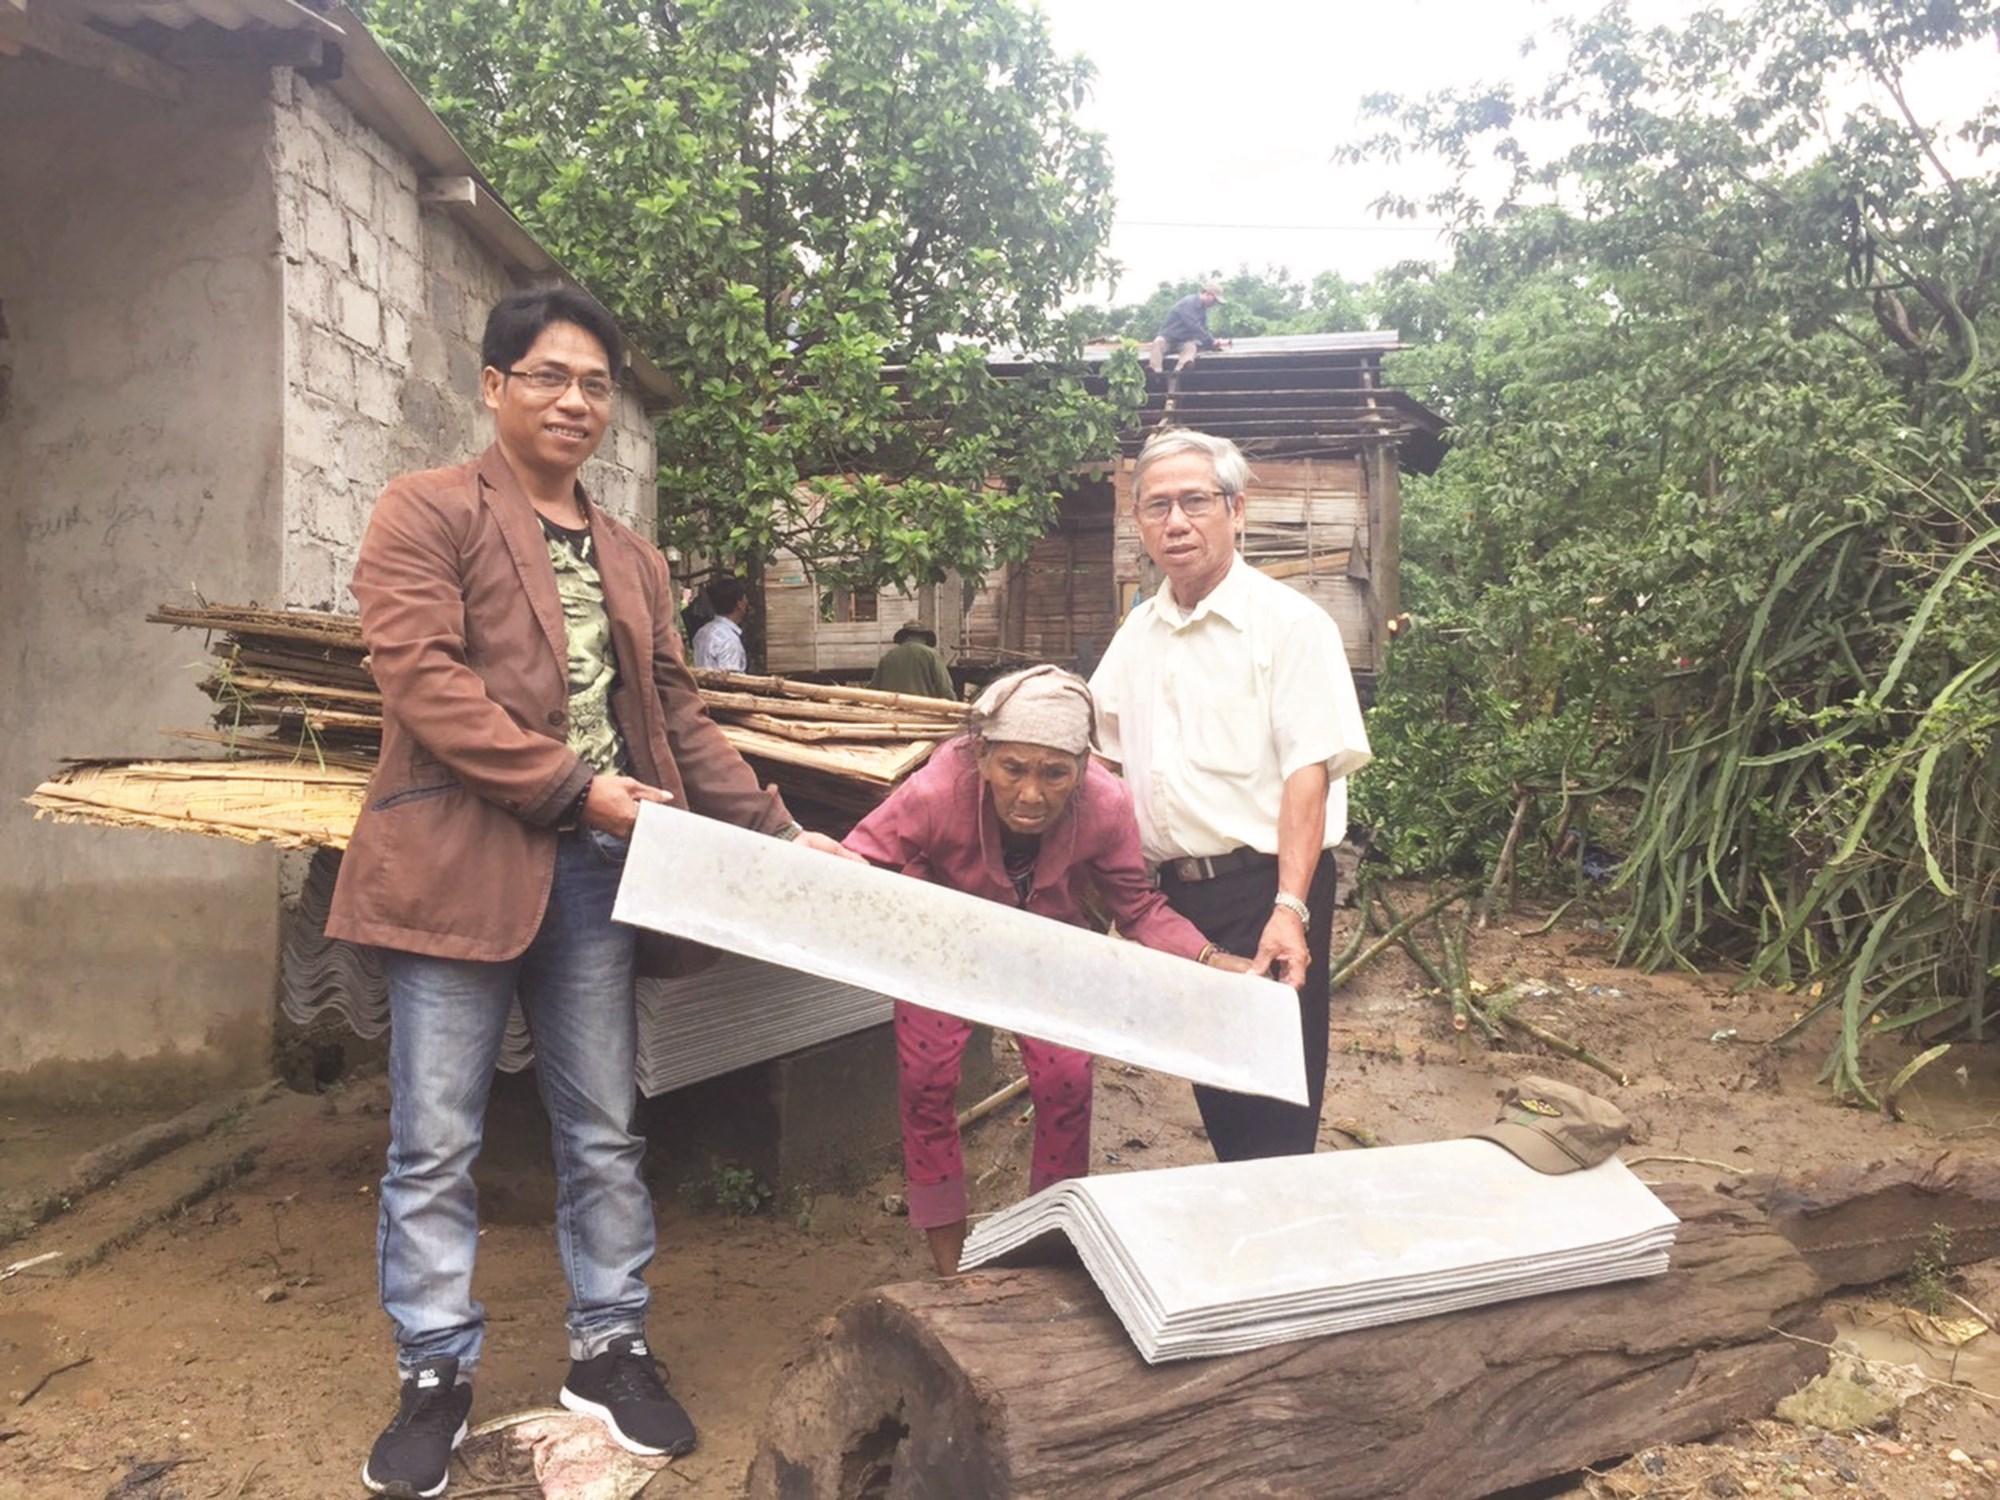 Anh Lê Xuân Hải trao tặng tấm lợp cho bà Pi Lâm (bìa trái), ngụ xã Đakrông, huyện Đakrông (tháng 5/2019).